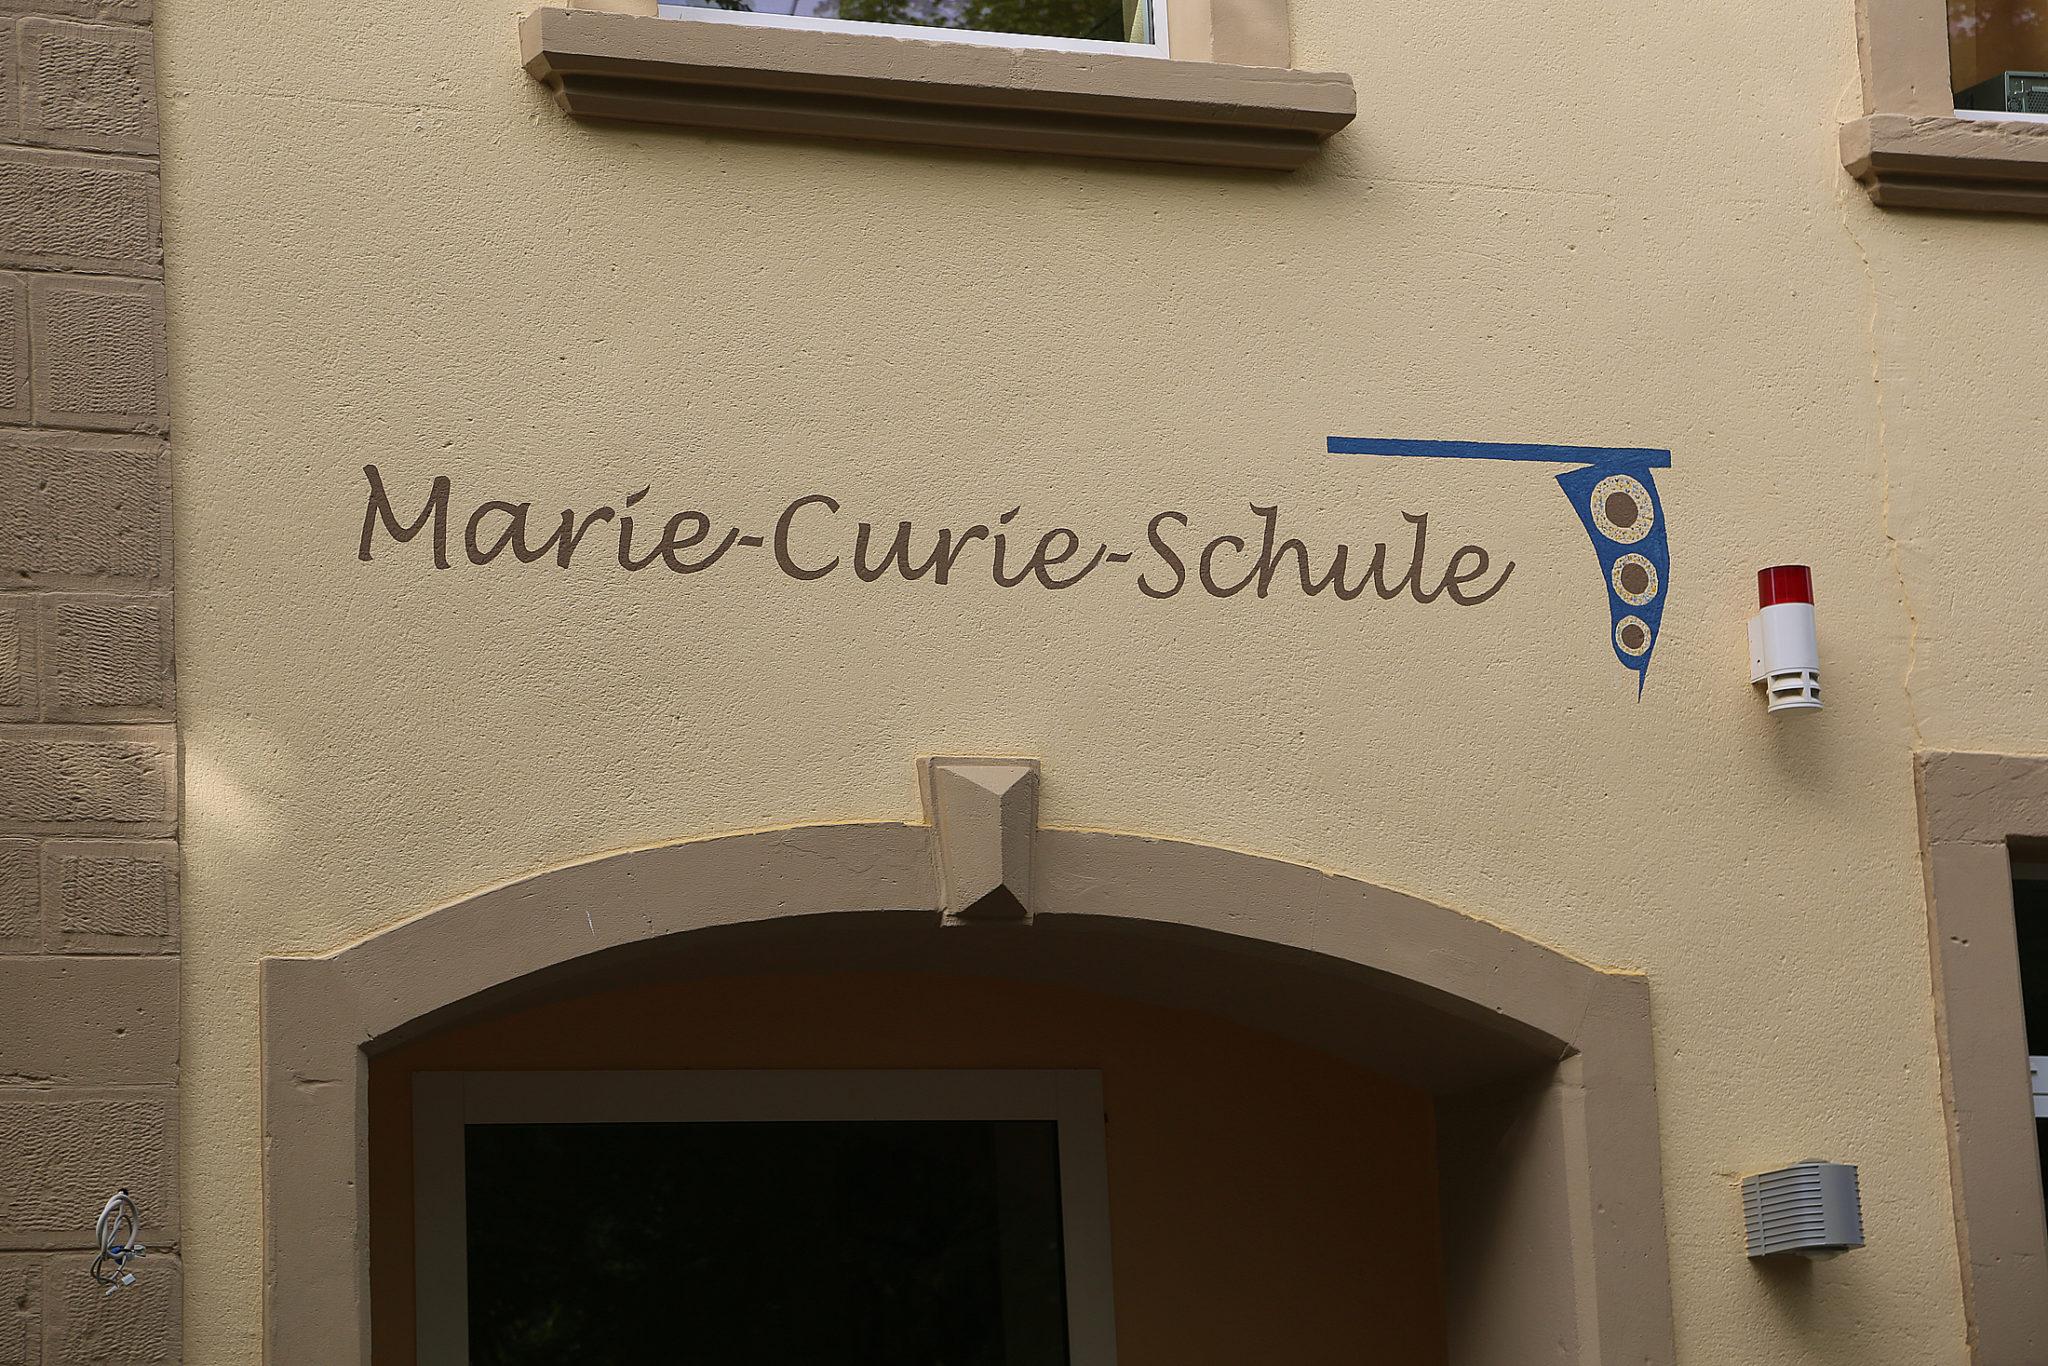 zu sehen ist der Schriftzug der ehemaligen Marie Curie Schule